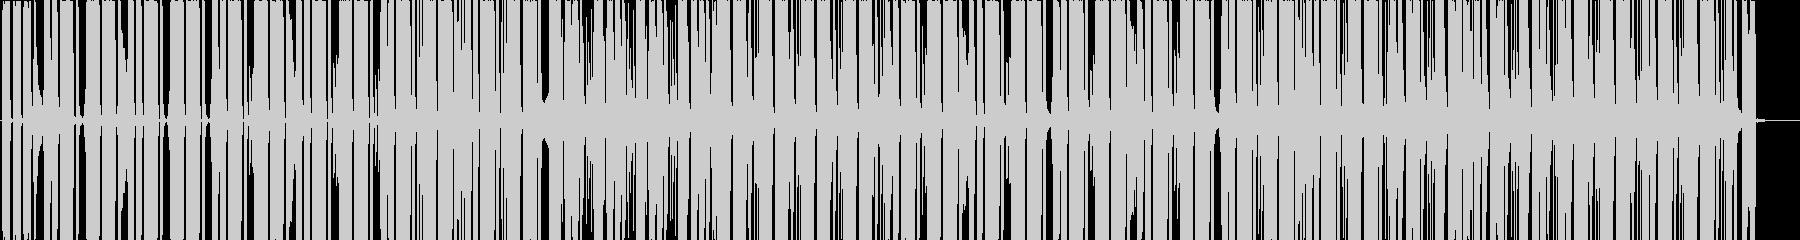 ガジェットCM、テック映像、4つ打ちの未再生の波形